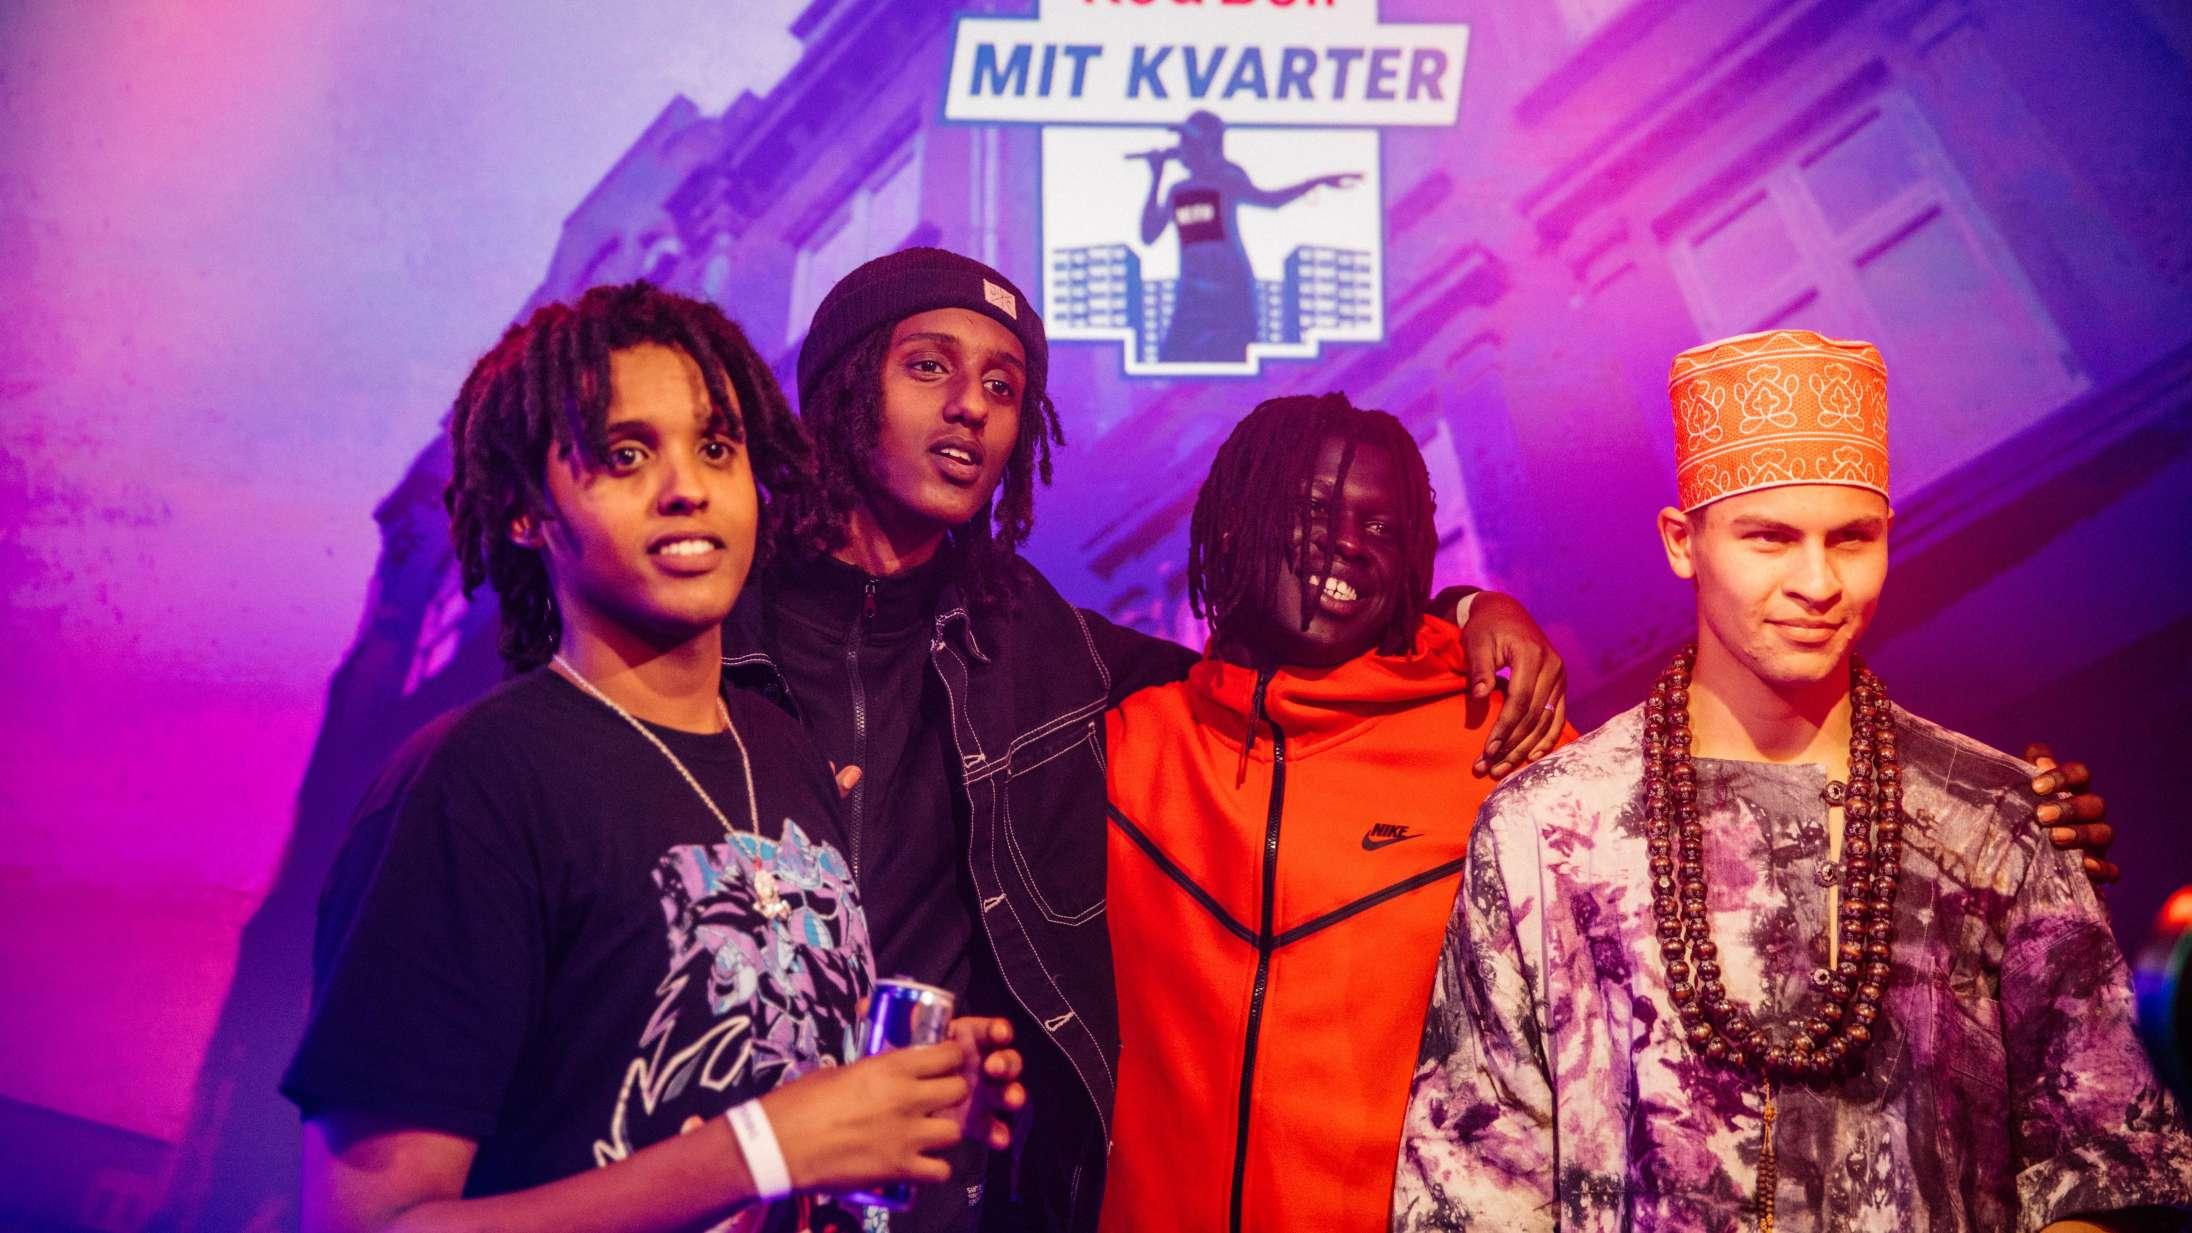 Vinderen af Red Bulls hiphop-talentkonkurrence er fundet